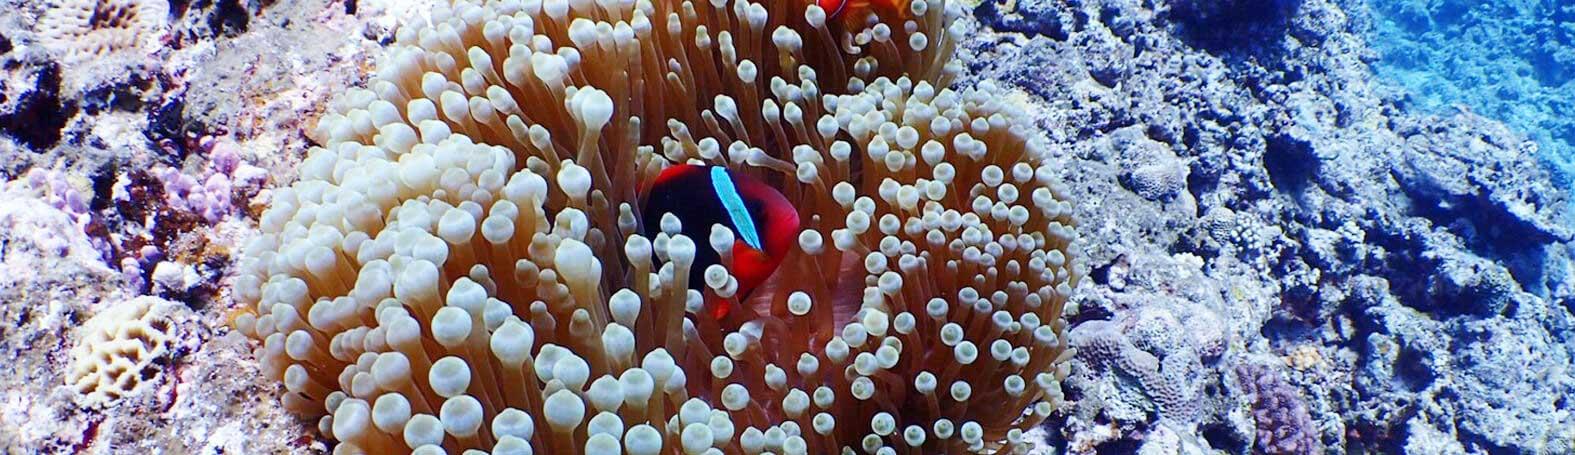 シュノーケリングで見れる海の生き物